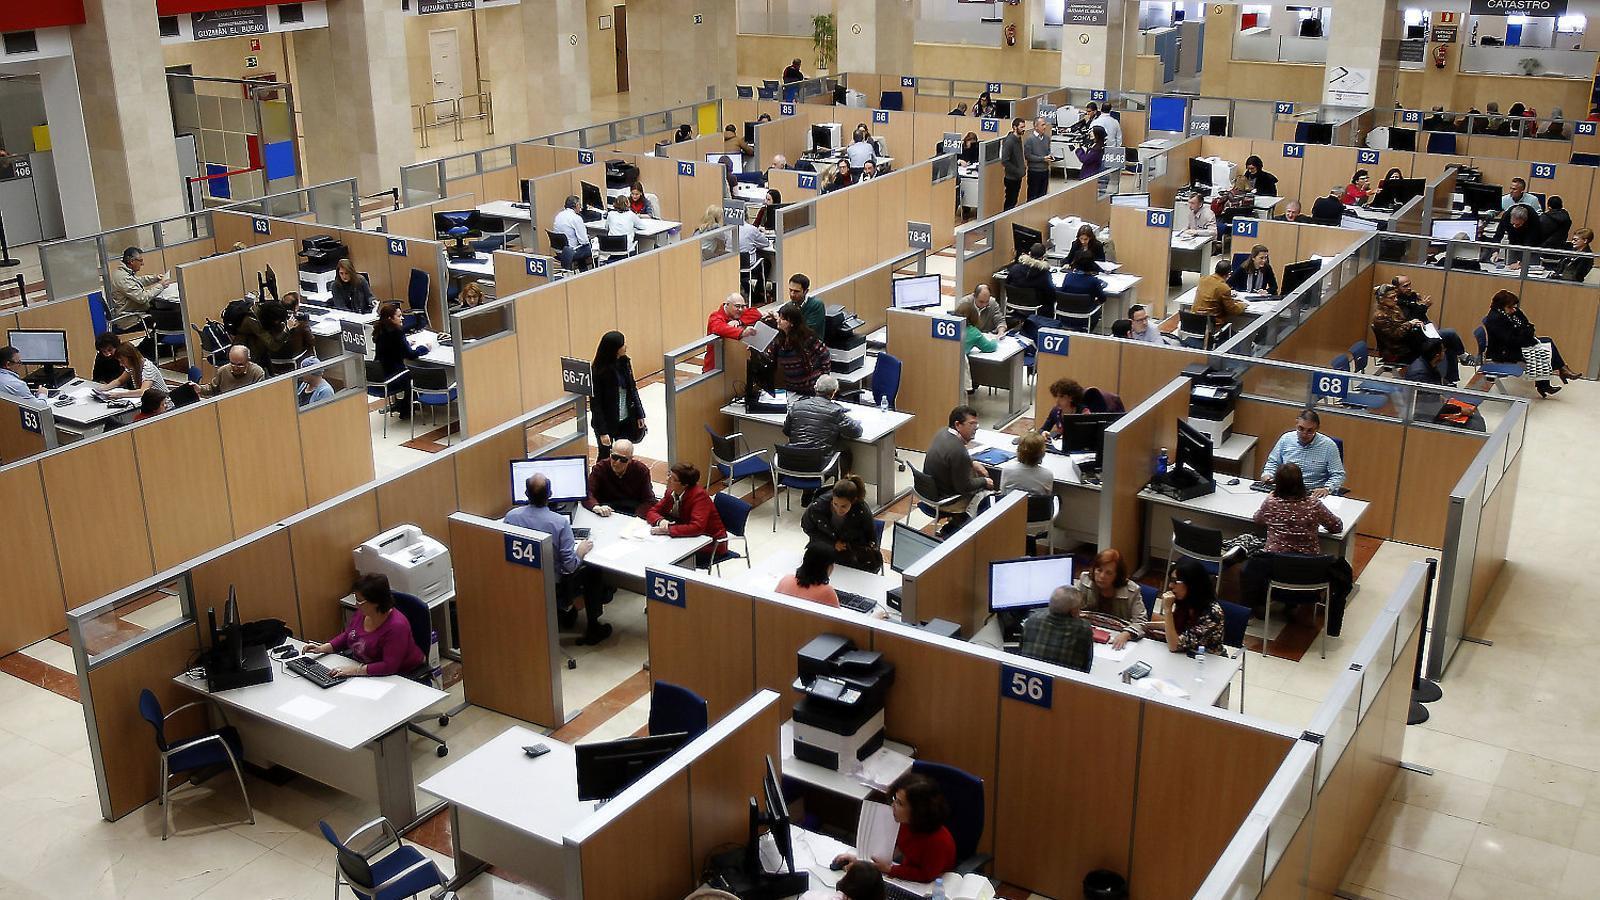 Una oficina de l'Agència Tributària a Madrid.